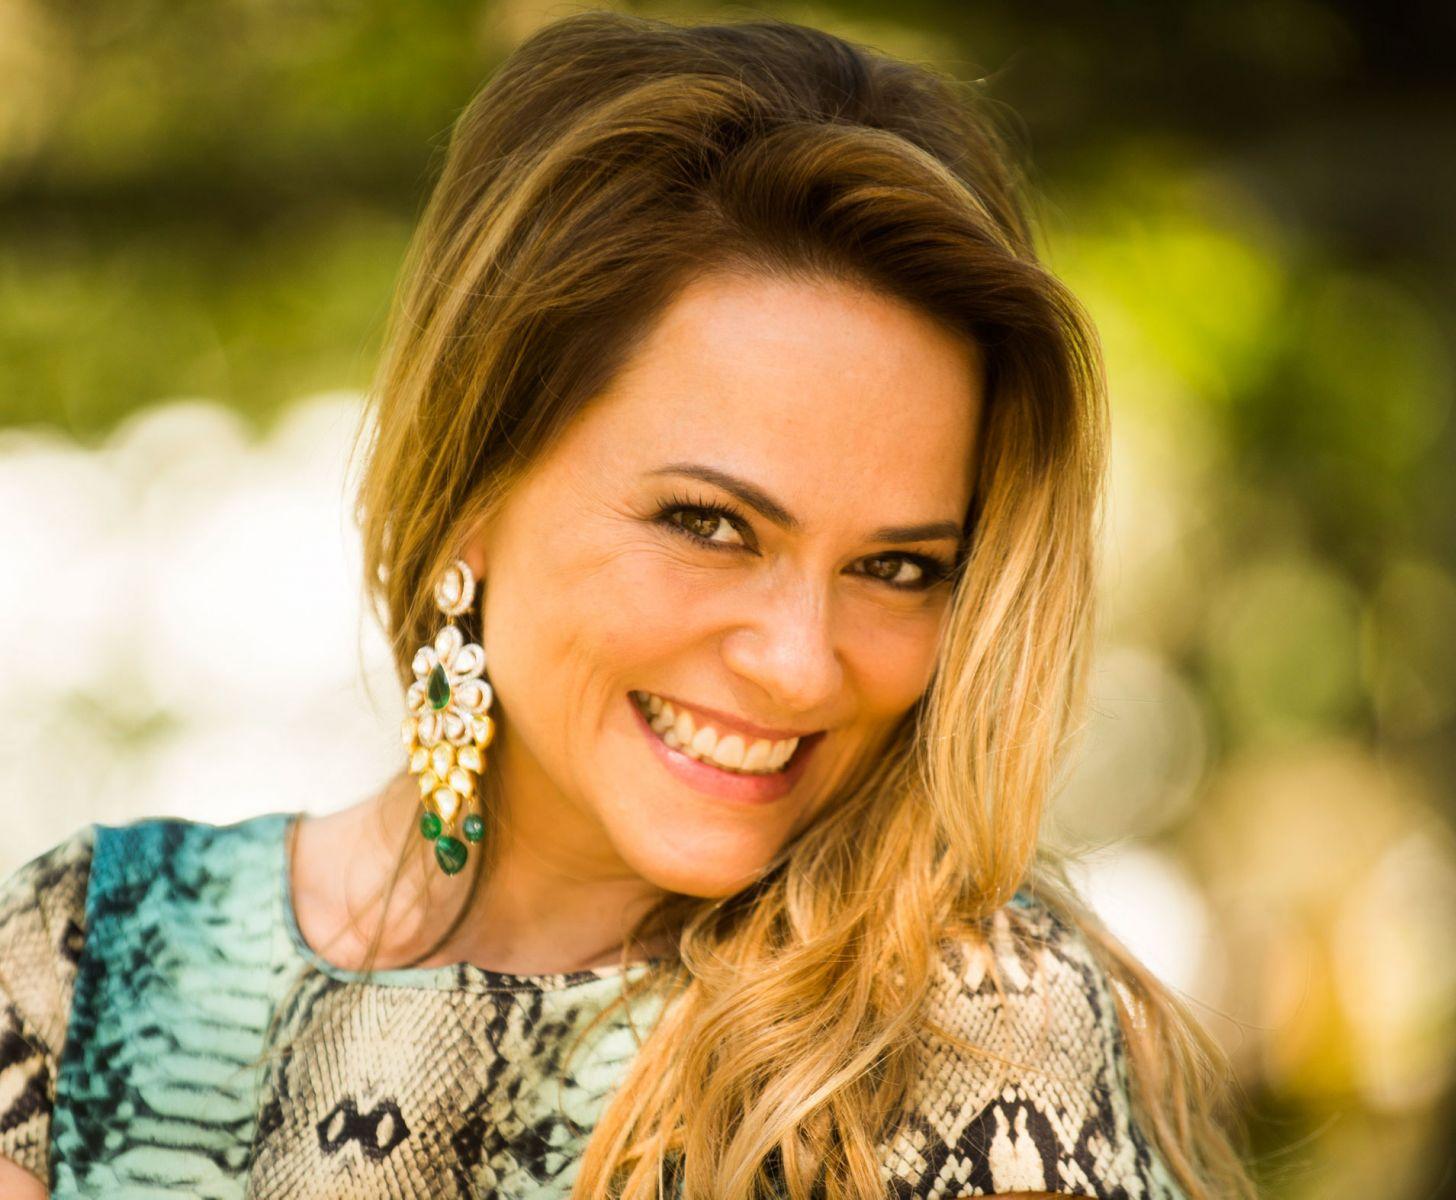 детей императорской фото популярных бразильских актеров существует